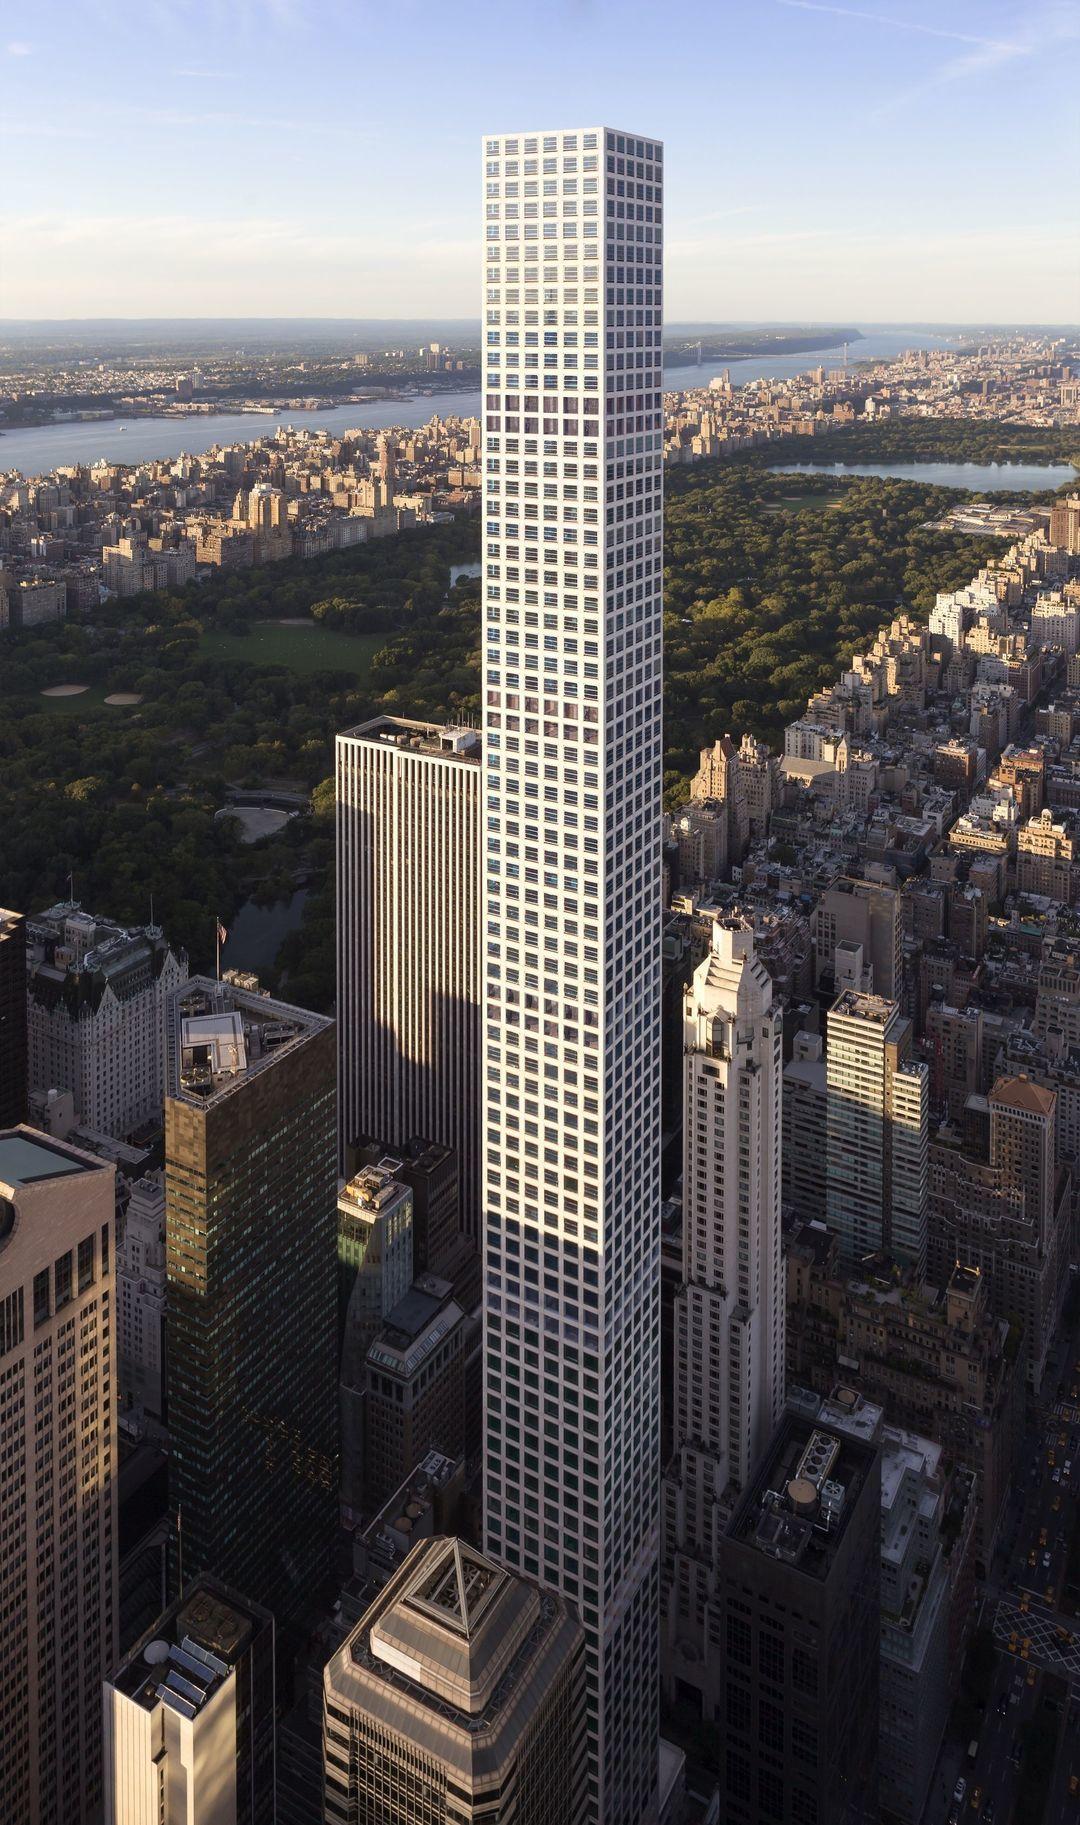 纽约派克大道 432 号大楼